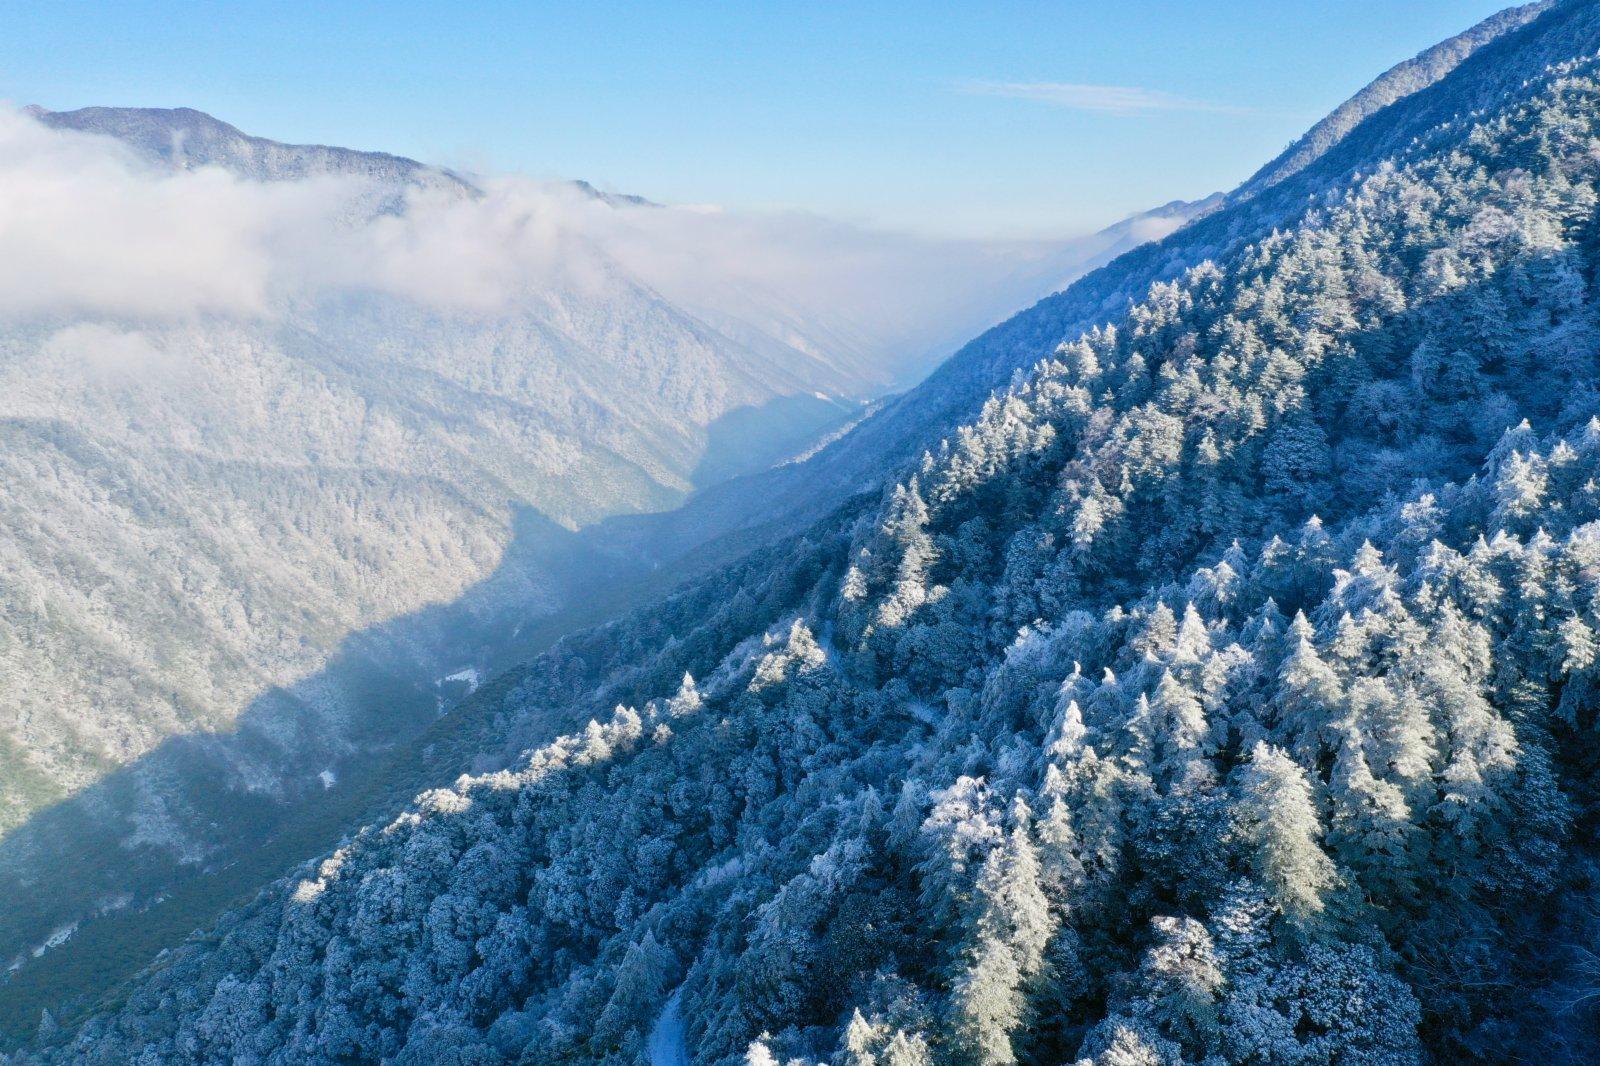 1月8日,武夷山國家公園腹地的桐木關附近,群山雲霧繚繞(無人機照片)。